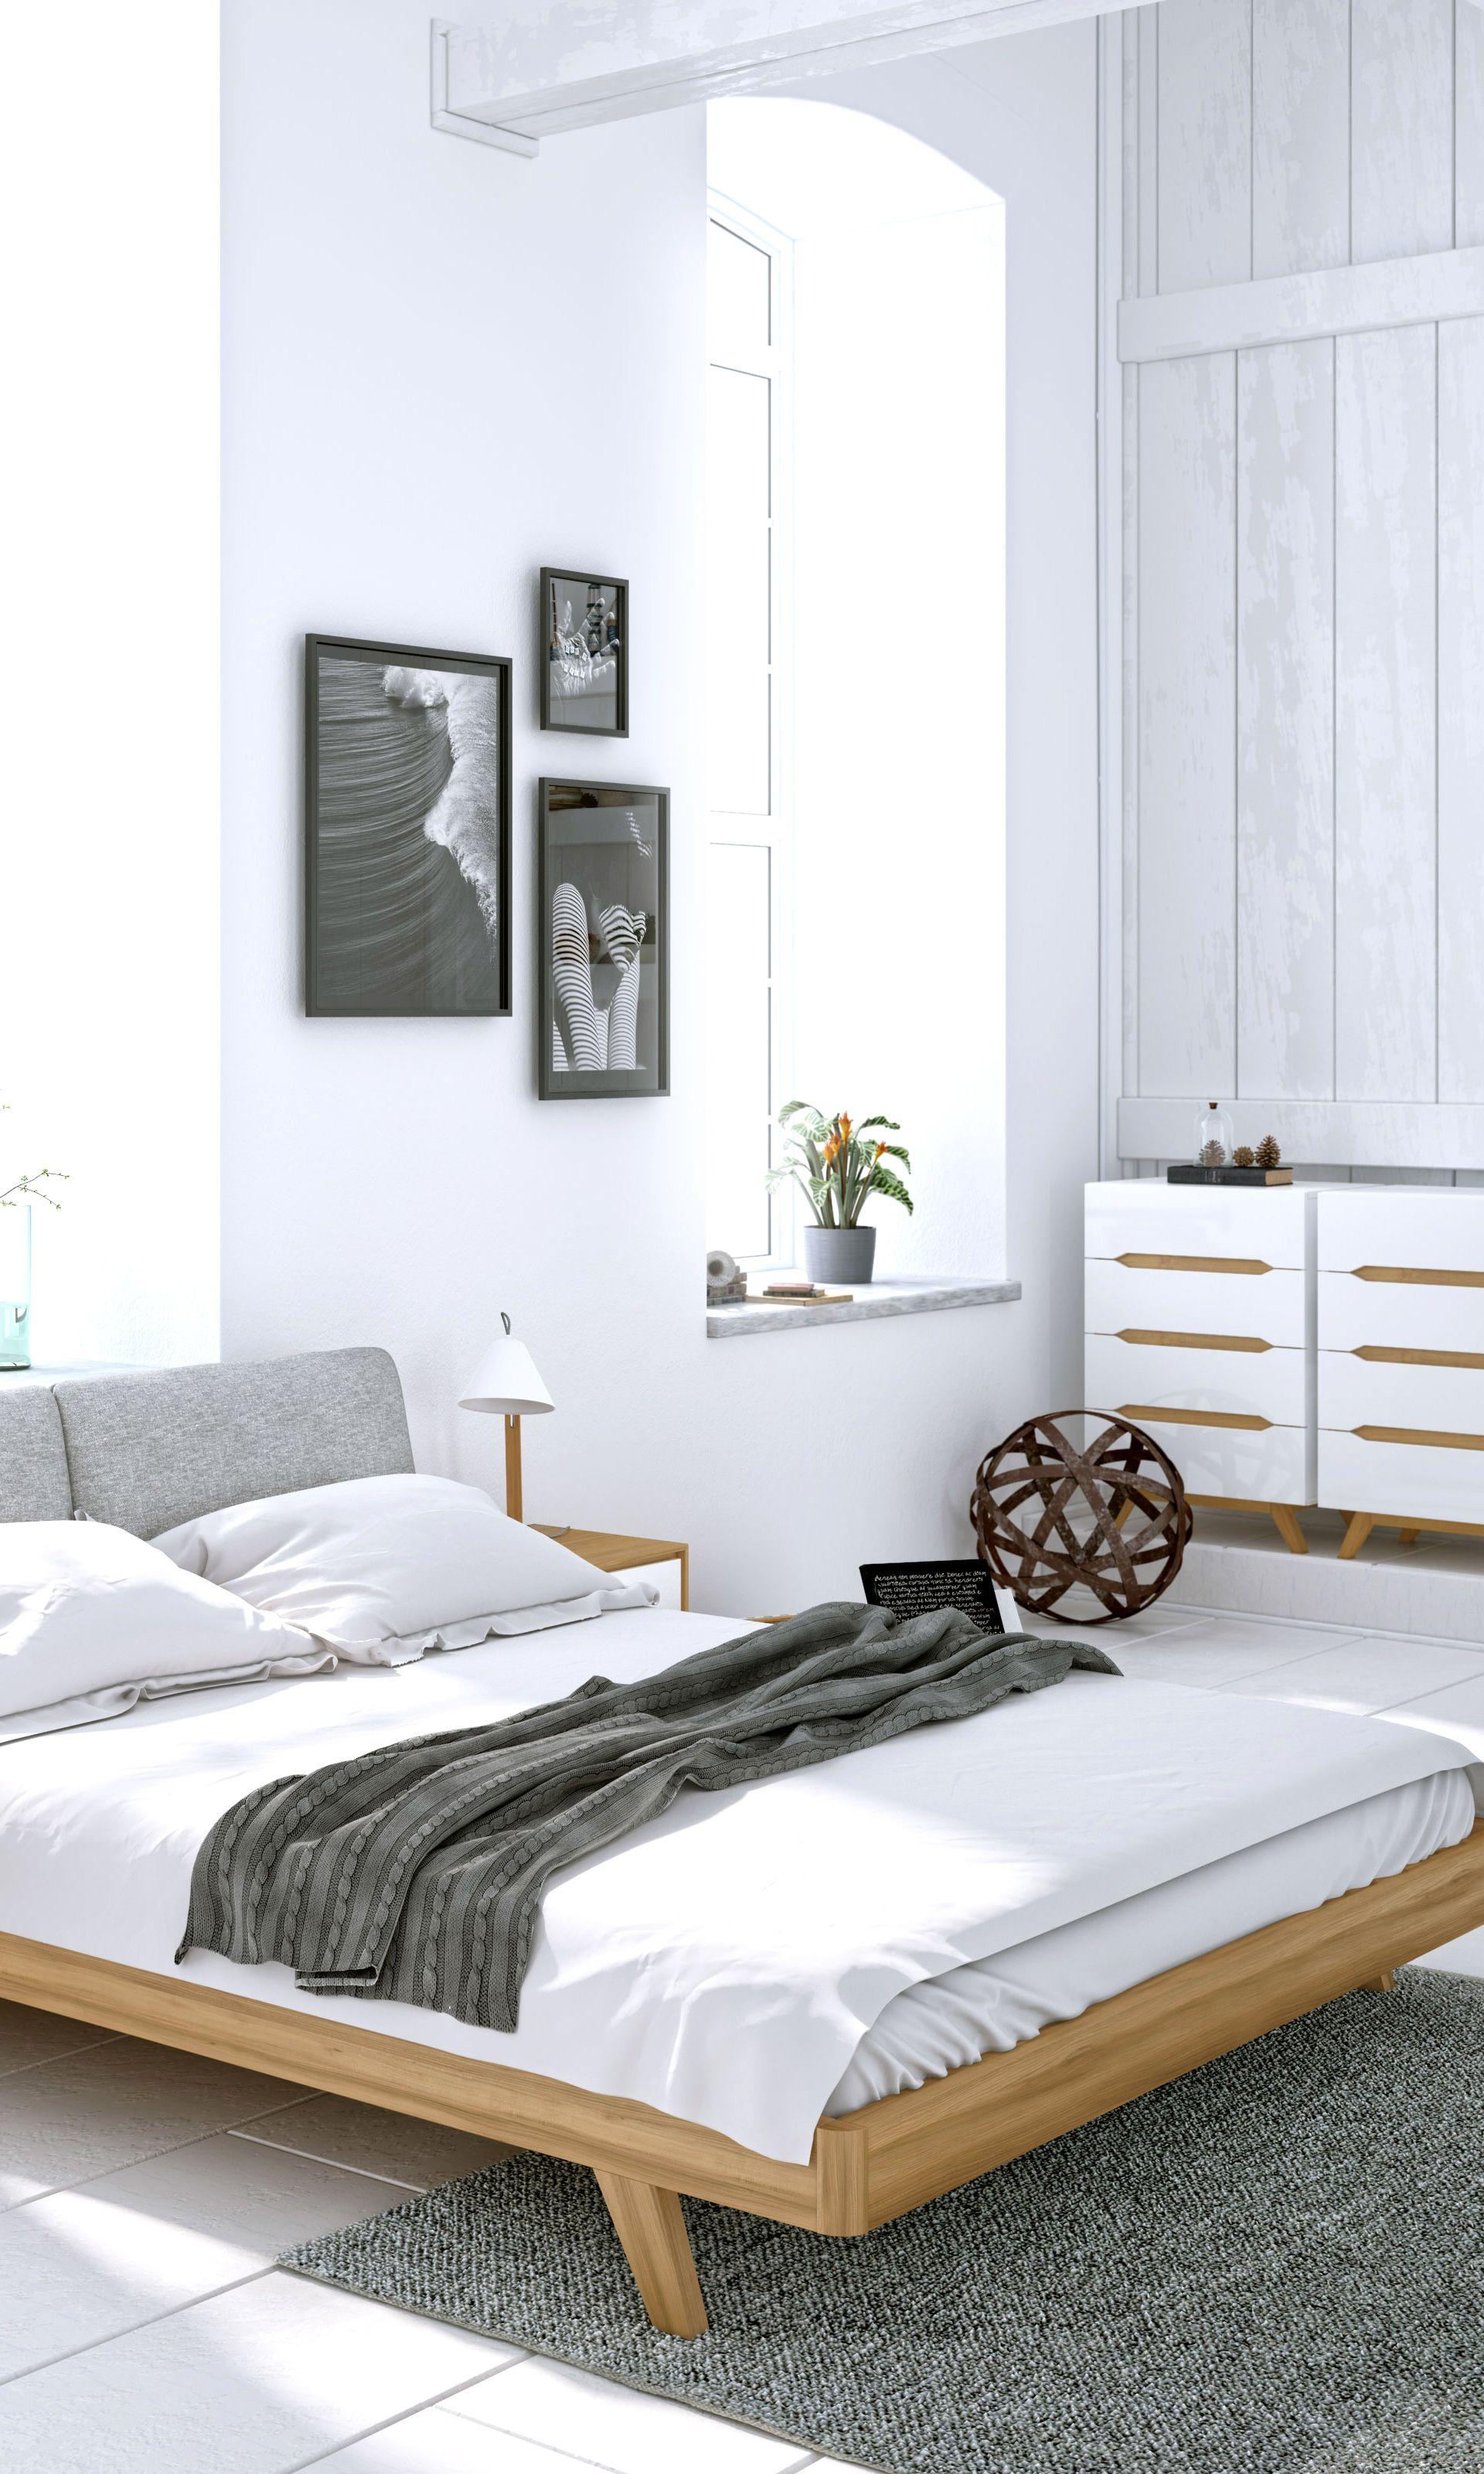 Mikkel Bed | Dresser sets, Dresser and Bedrooms